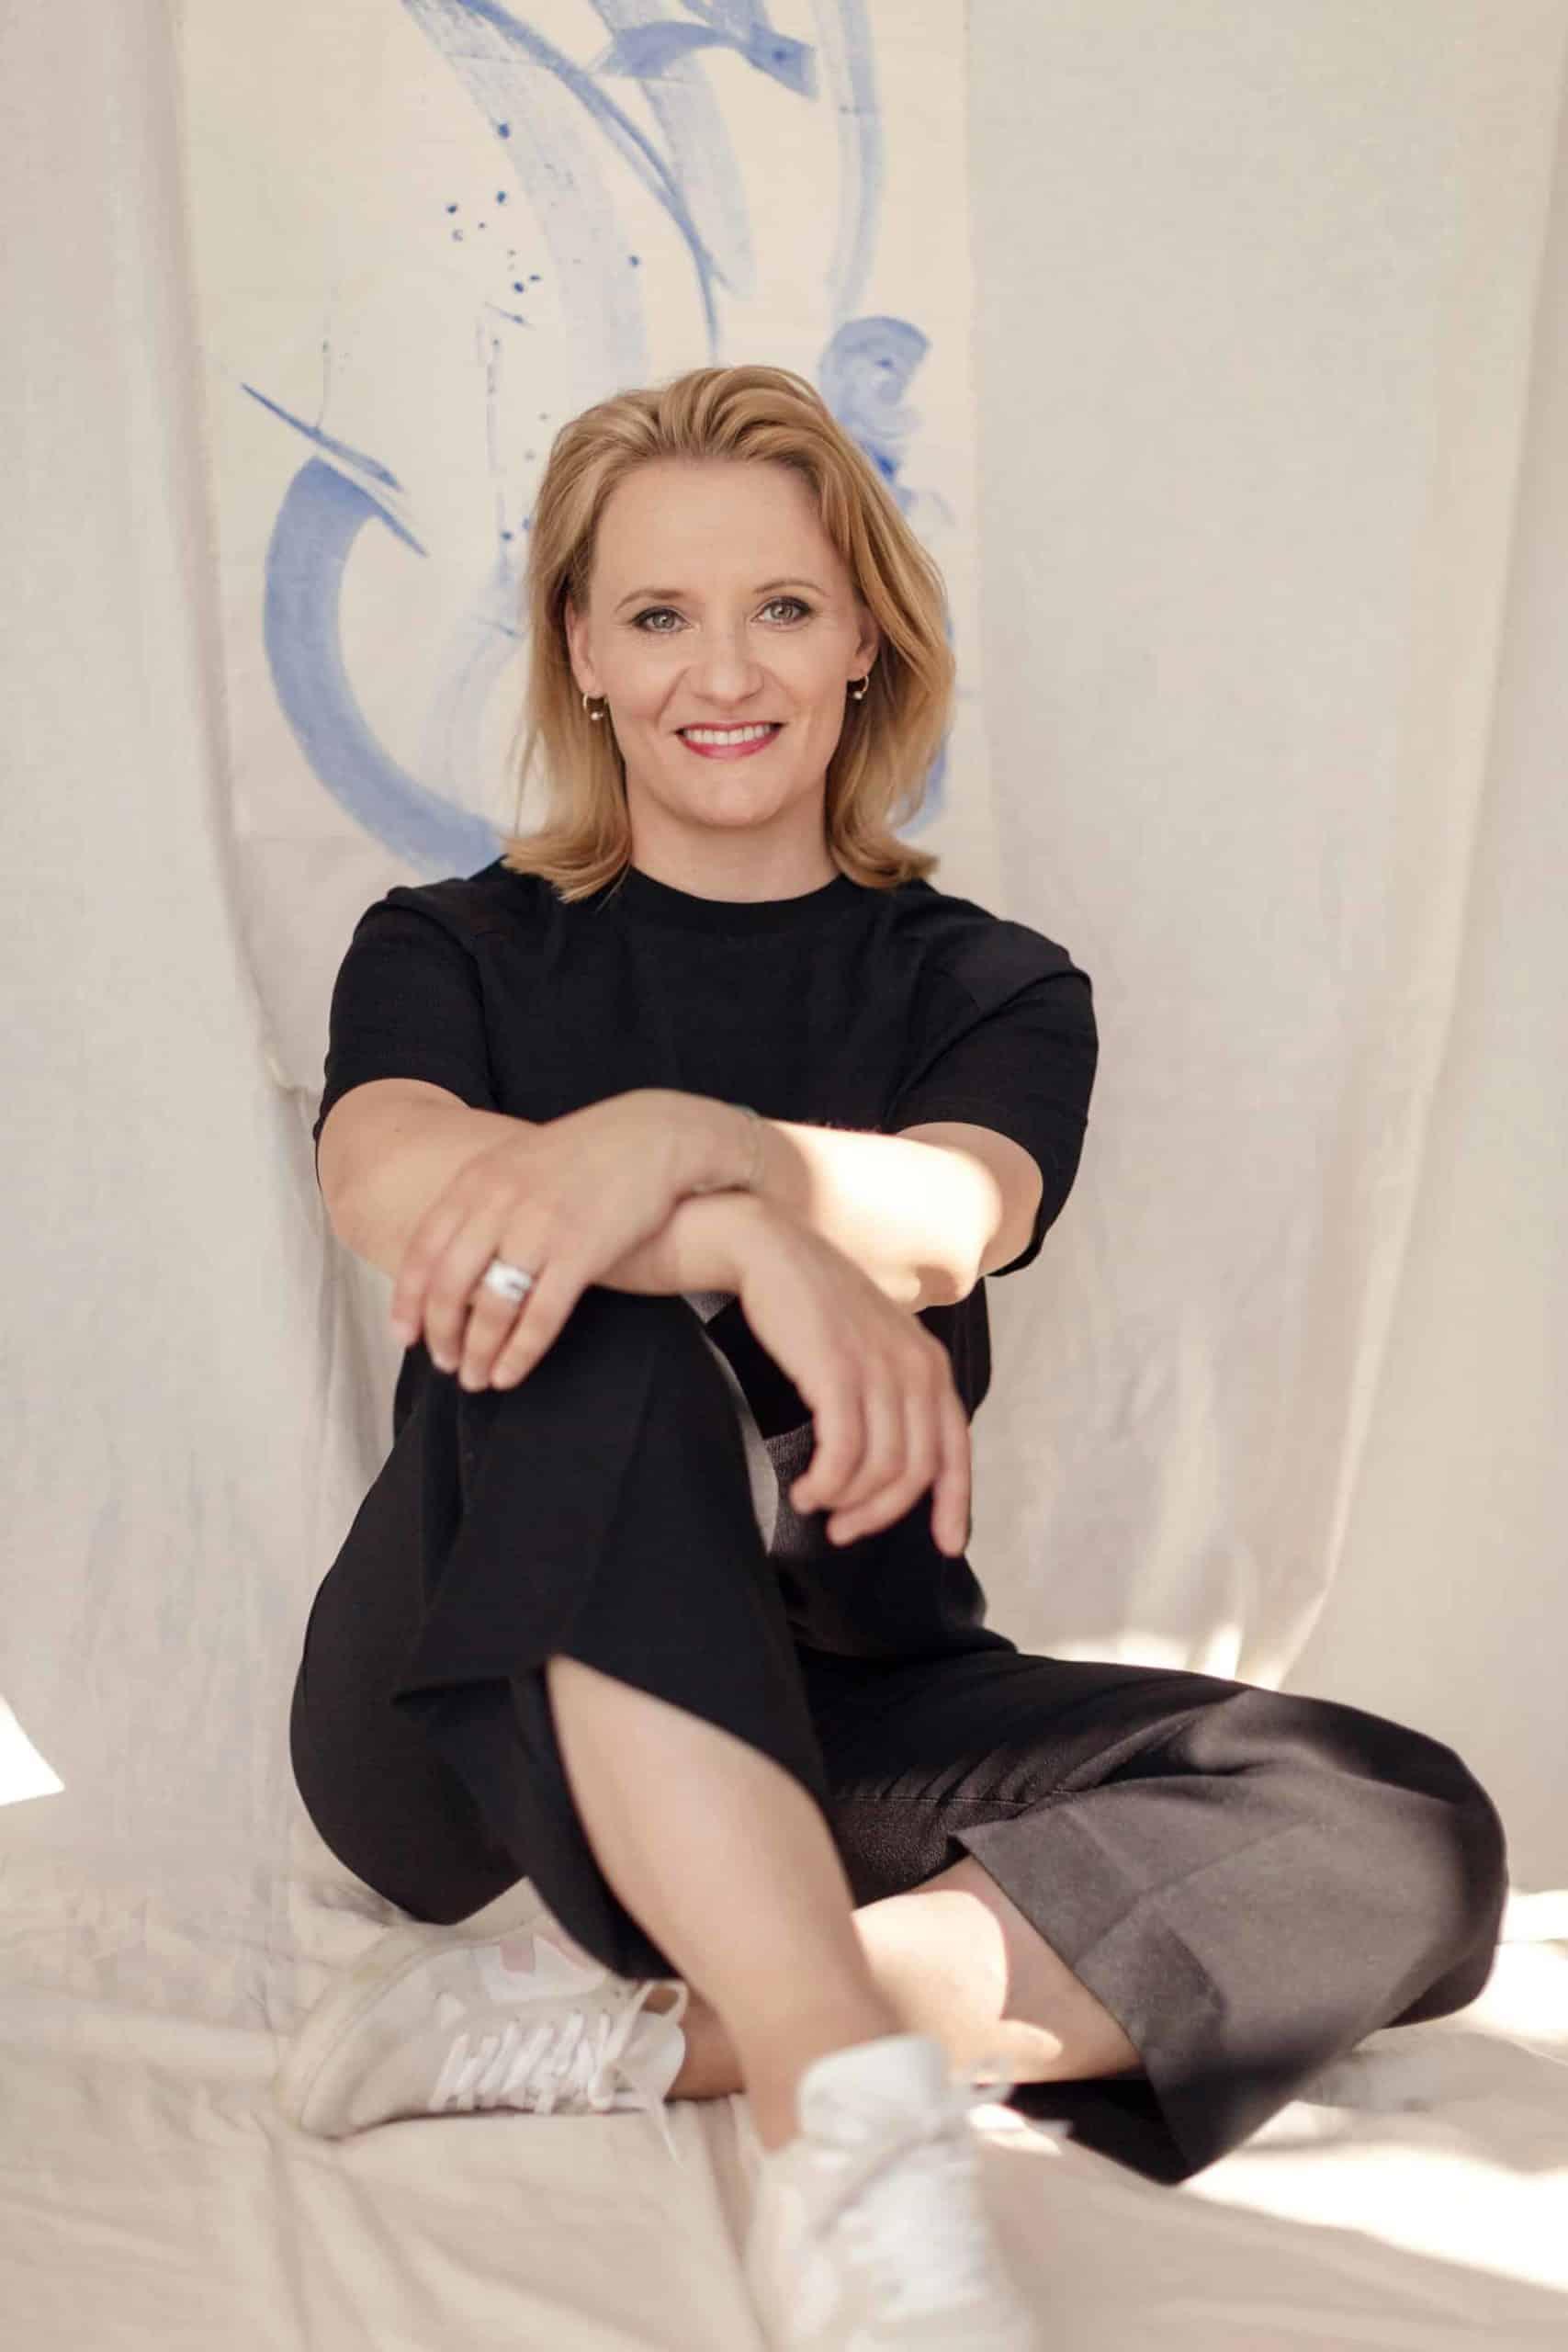 Elisa Koivumaa SEES company